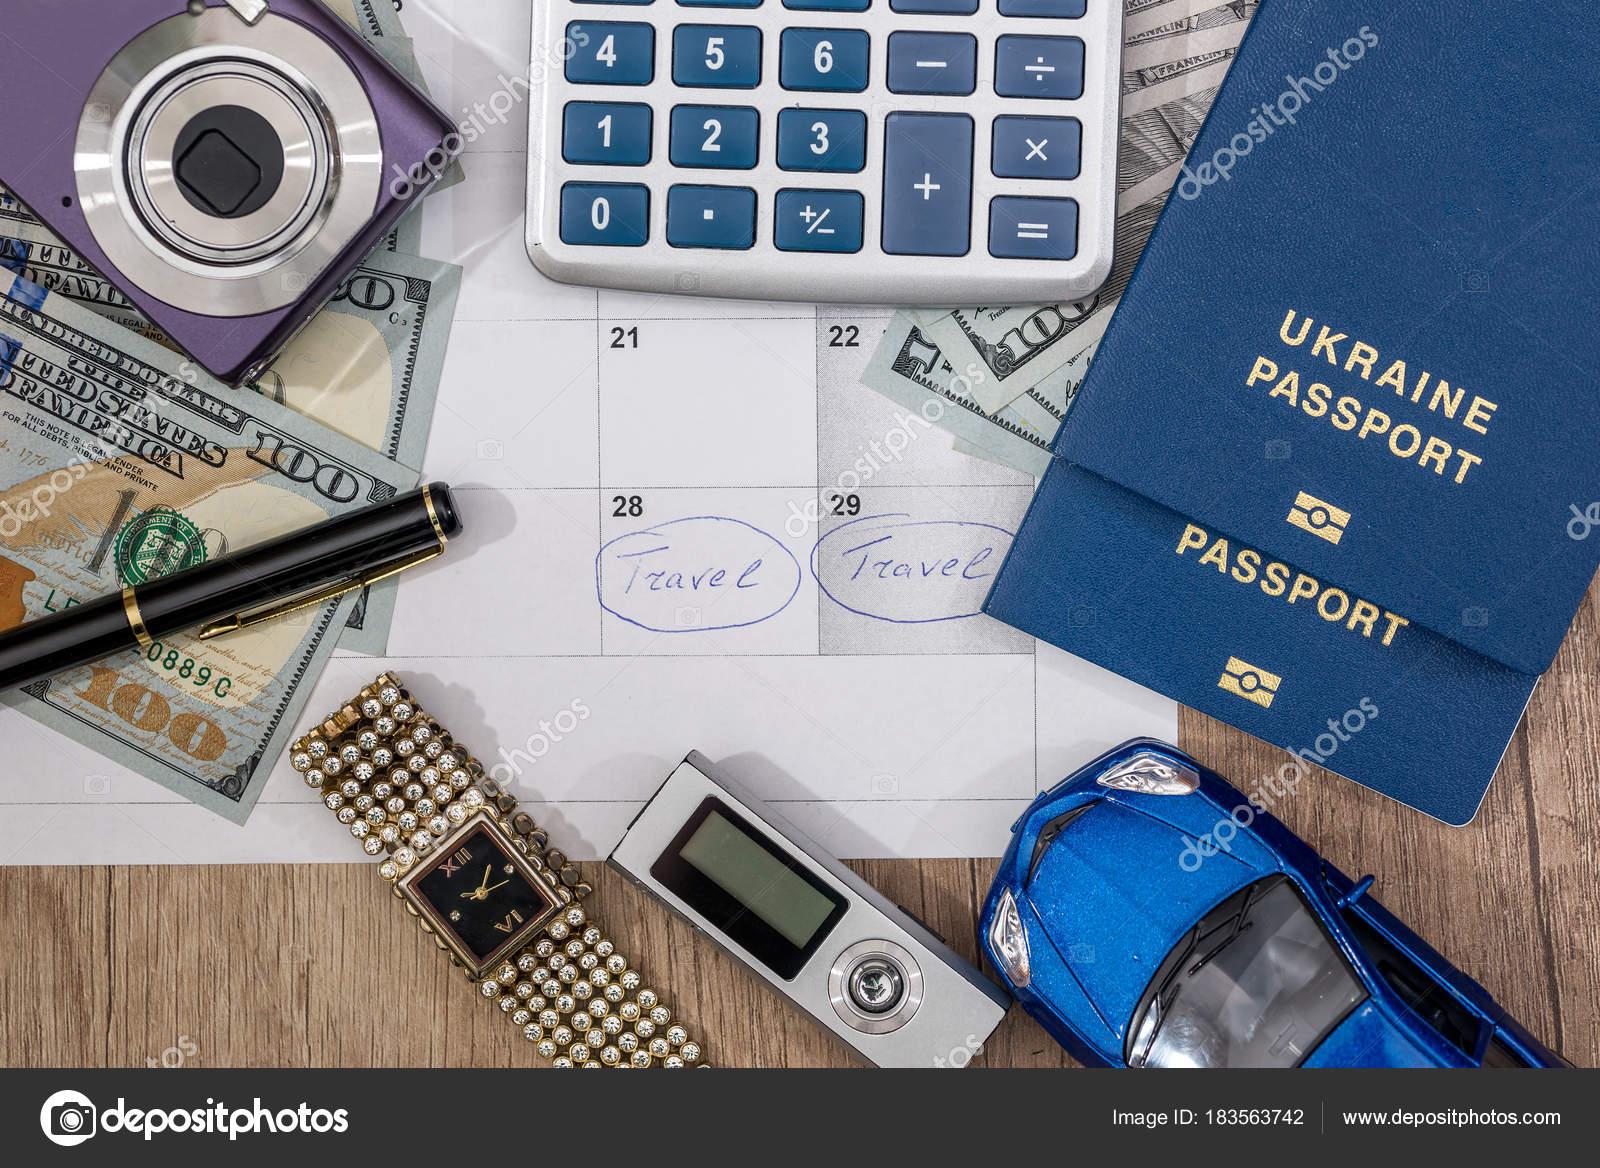 Voyage Appareil Passeport Calculatrice Temps Photo Montre Argent 4qAjc5LR3